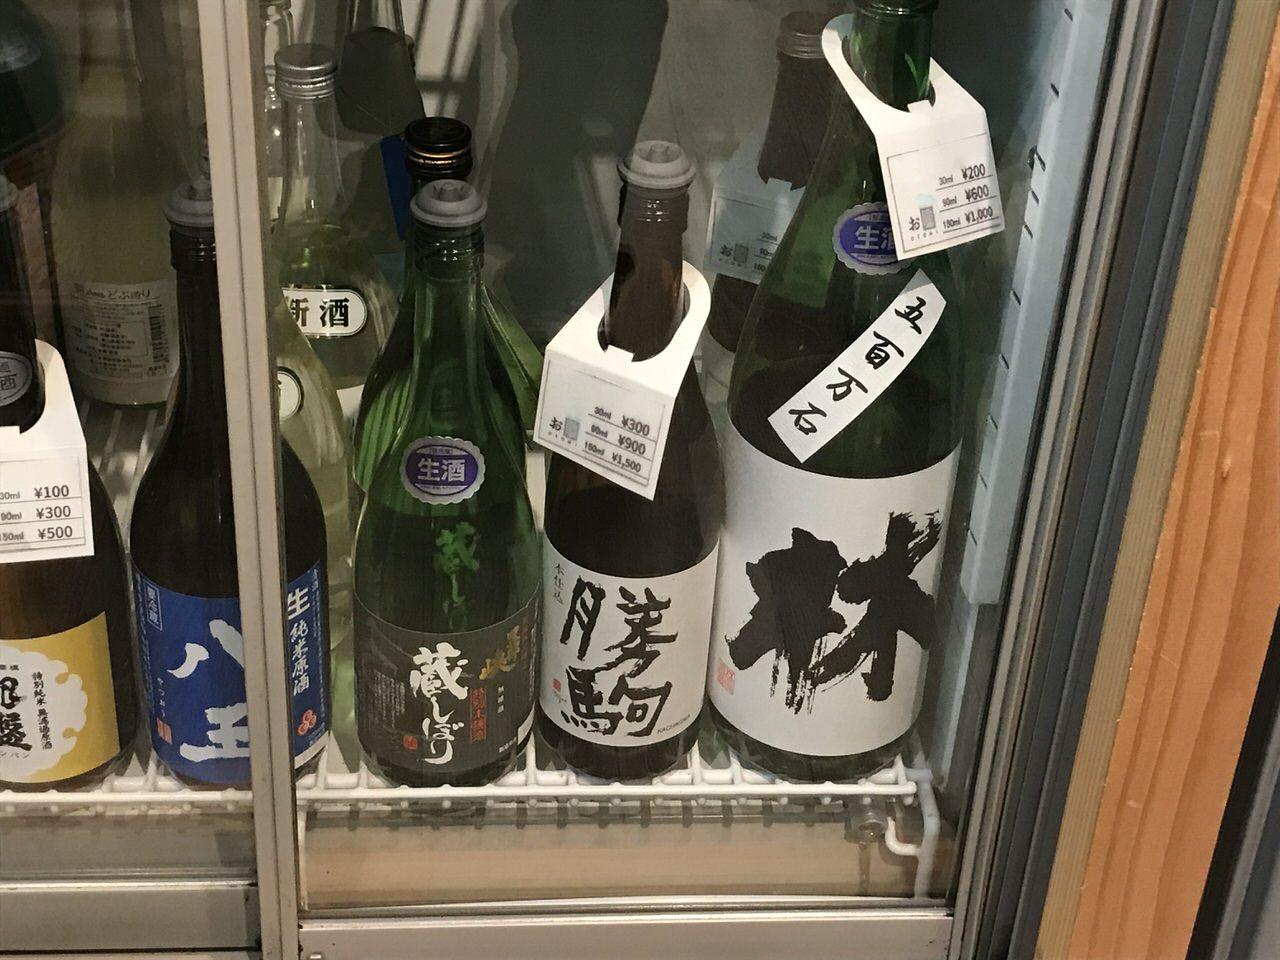 高岡「お富」日本酒の冷蔵庫 2